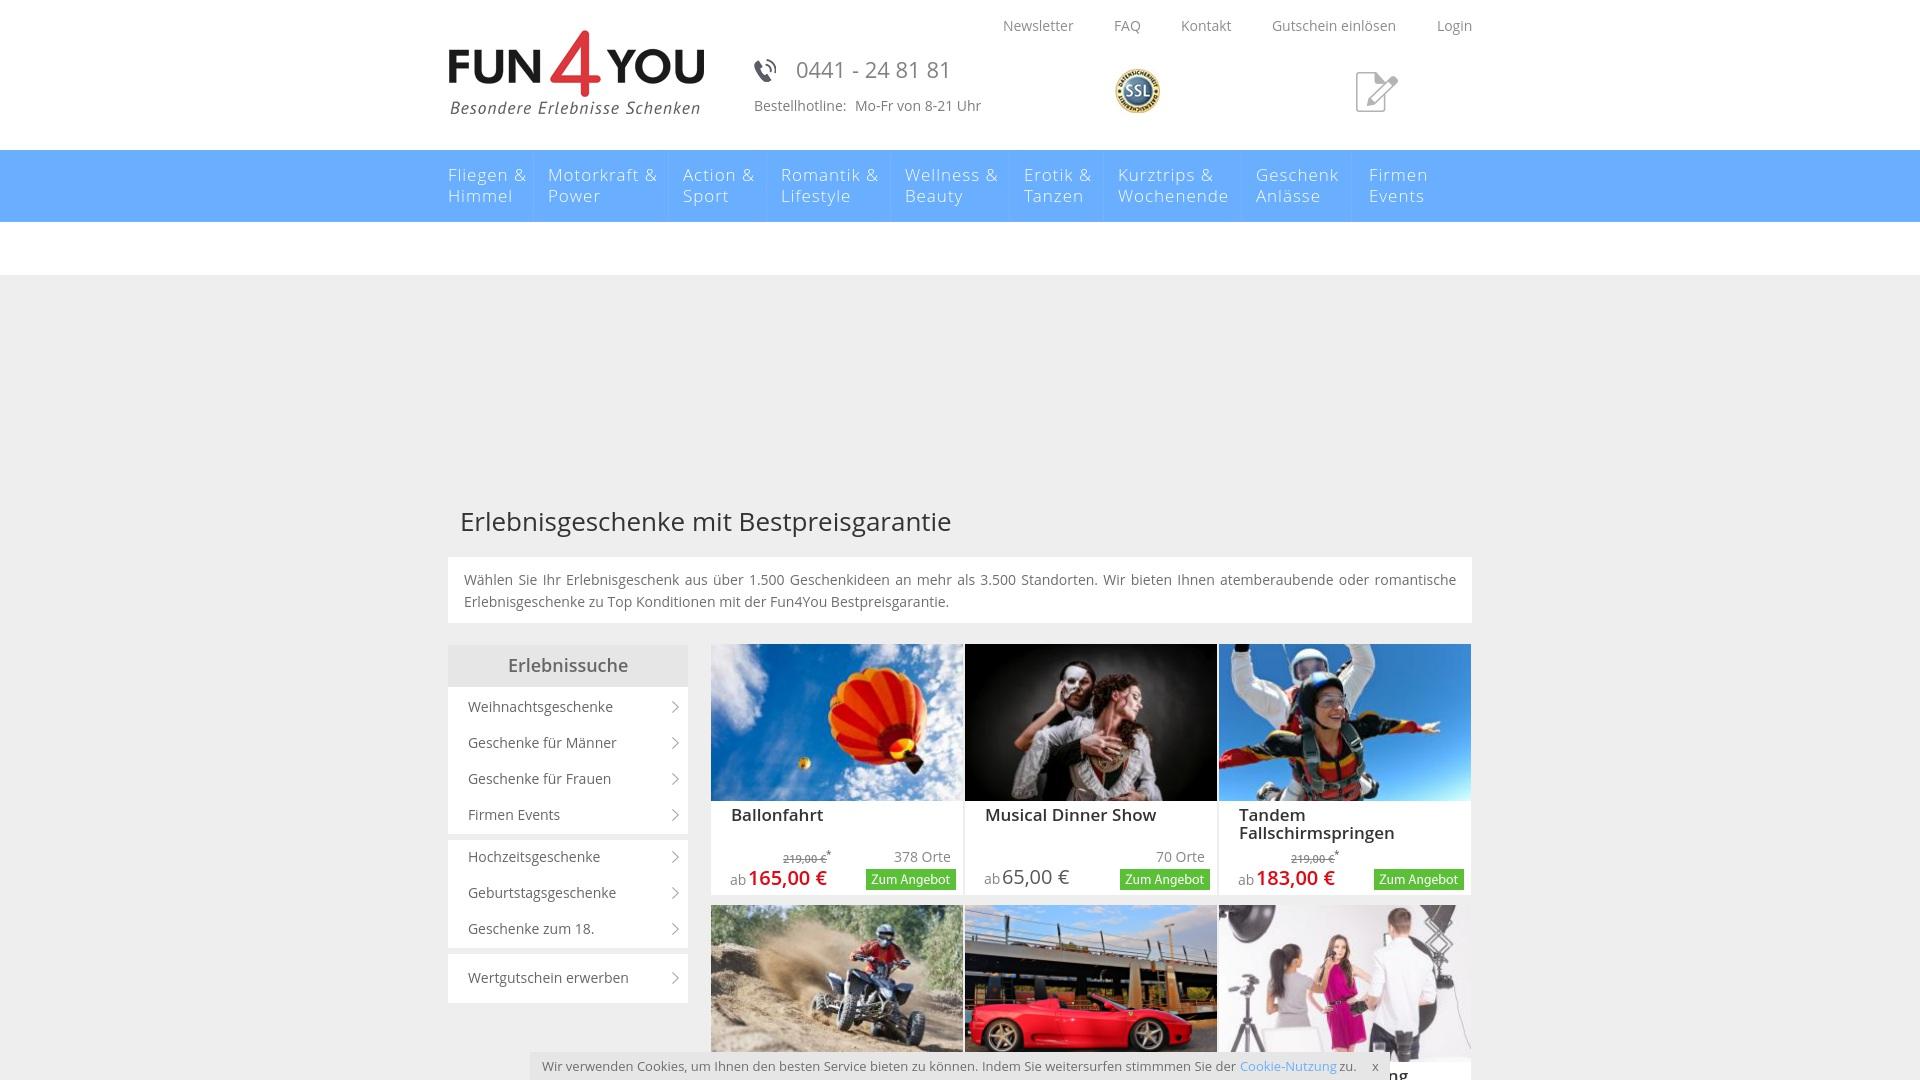 Gutschein für Fun4you: Rabatte für  Fun4you sichern